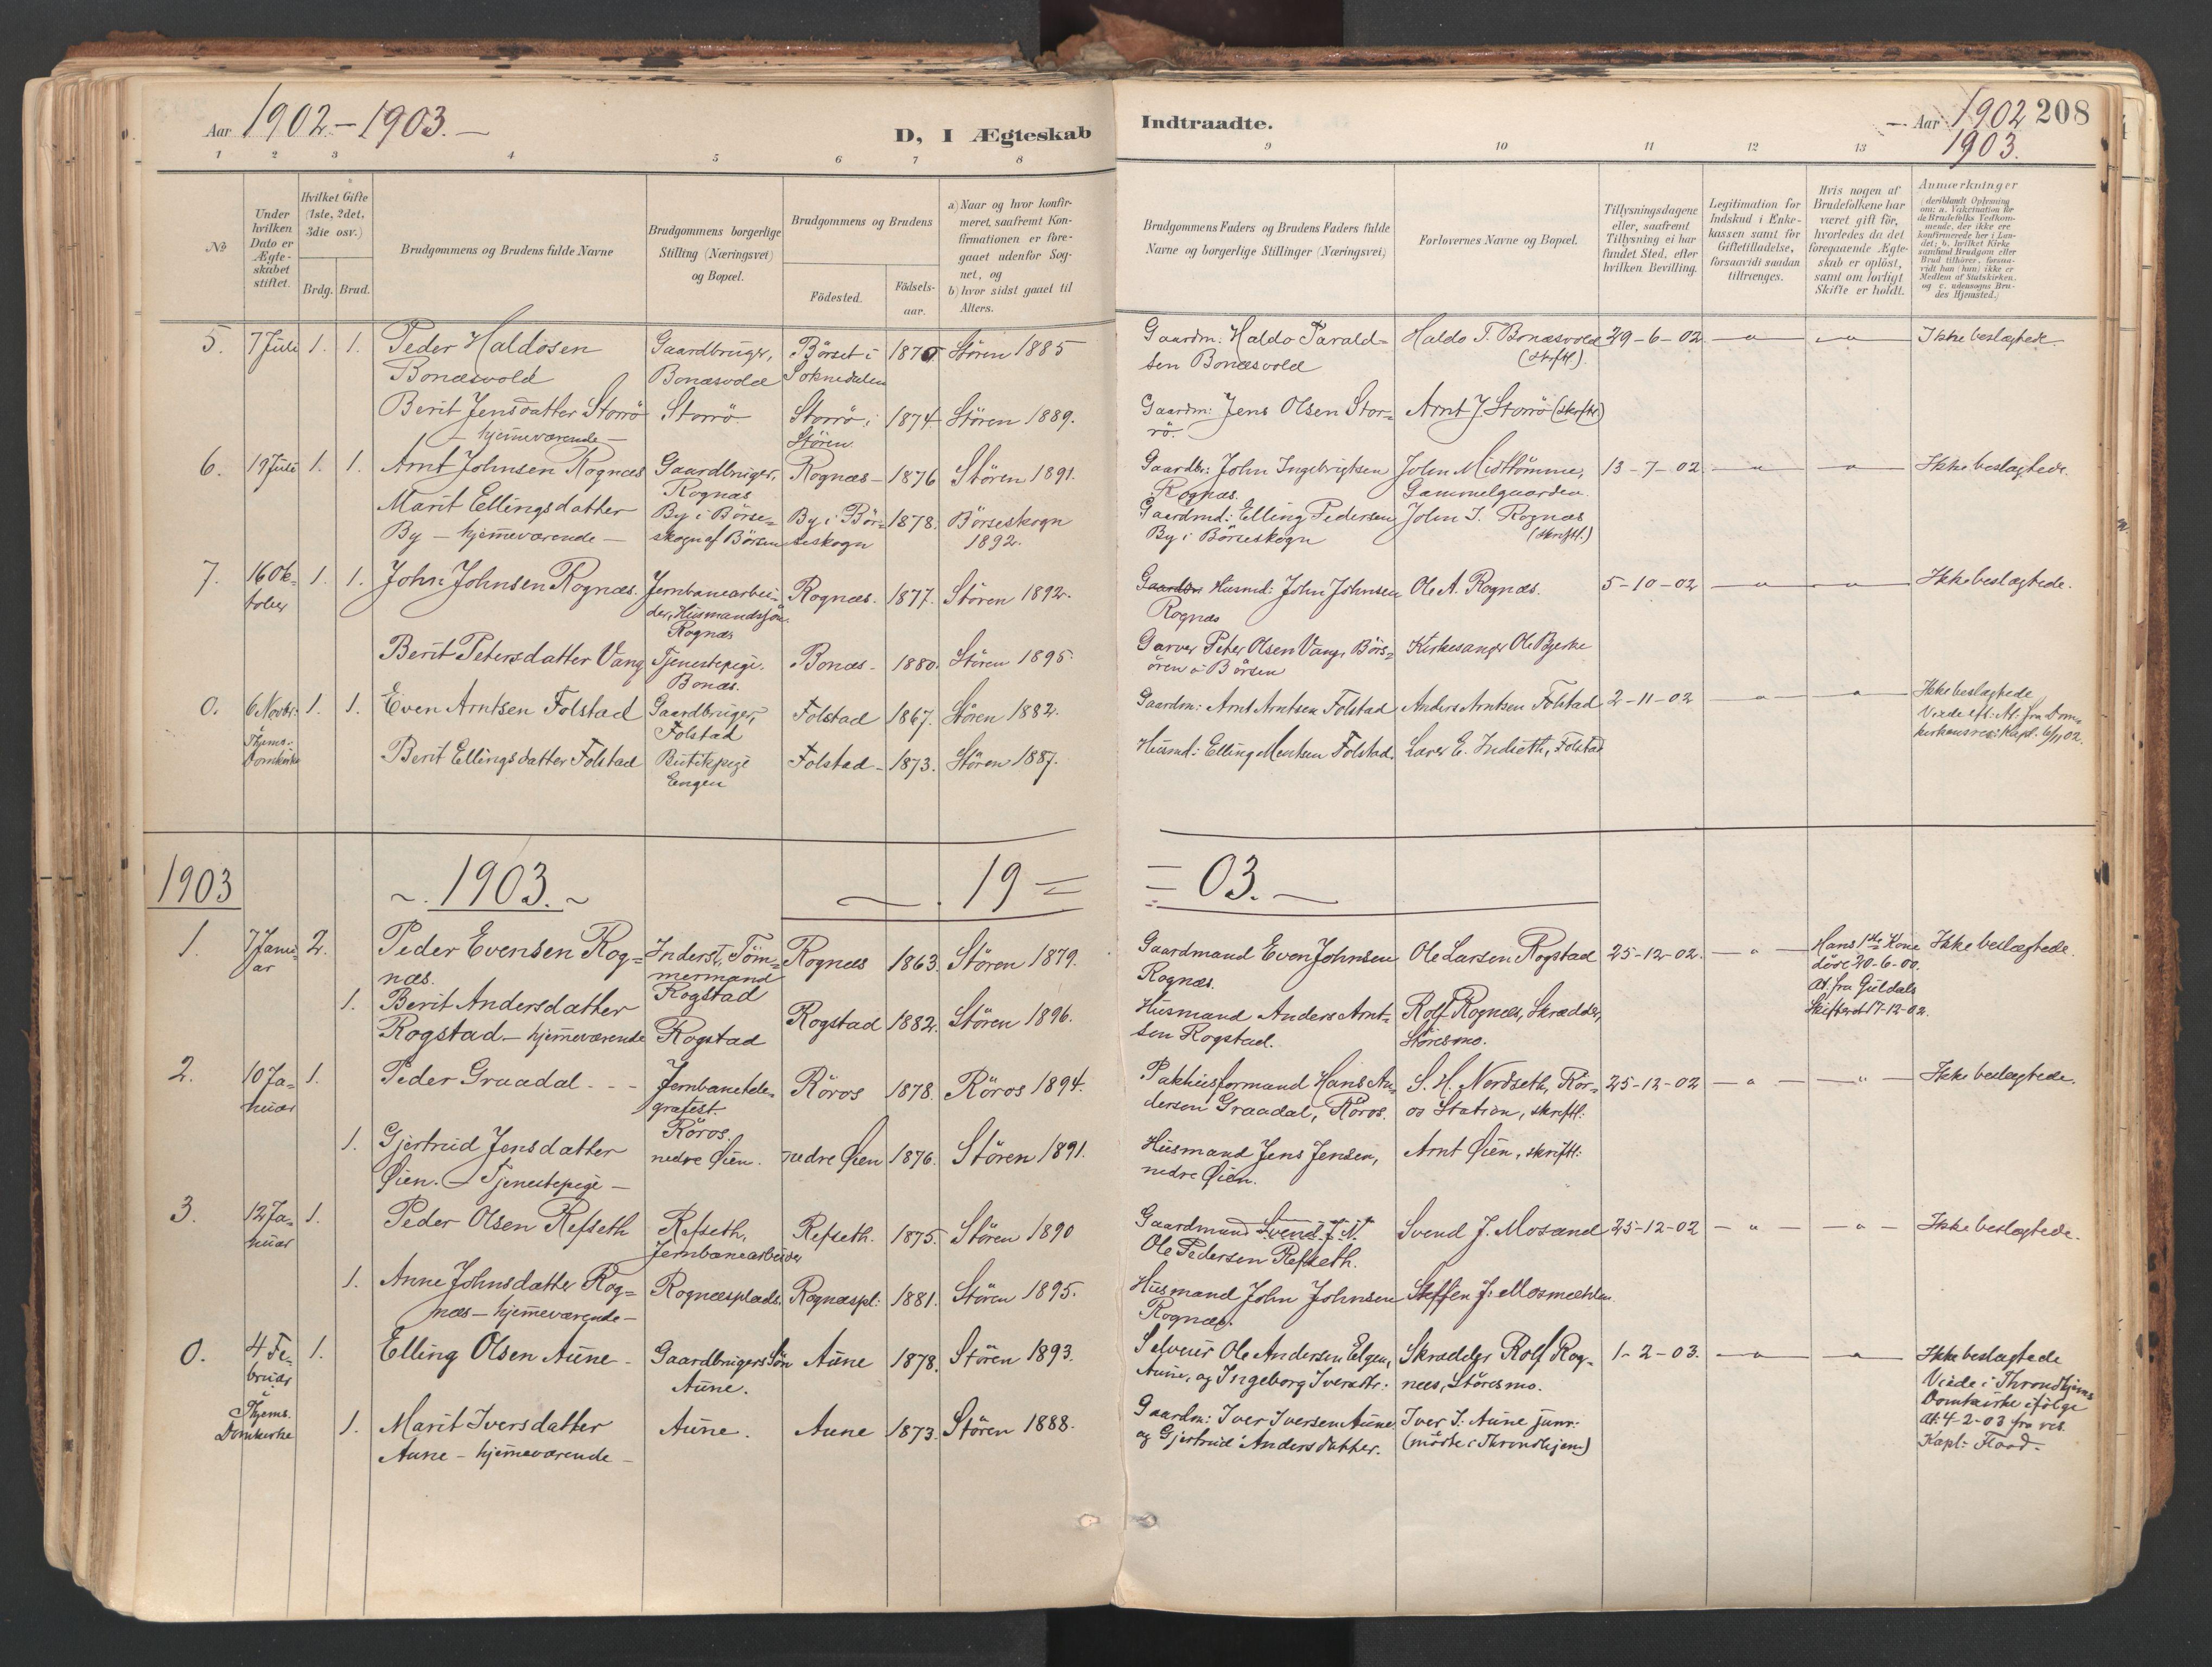 SAT, Ministerialprotokoller, klokkerbøker og fødselsregistre - Sør-Trøndelag, 687/L1004: Ministerialbok nr. 687A10, 1891-1923, s. 208